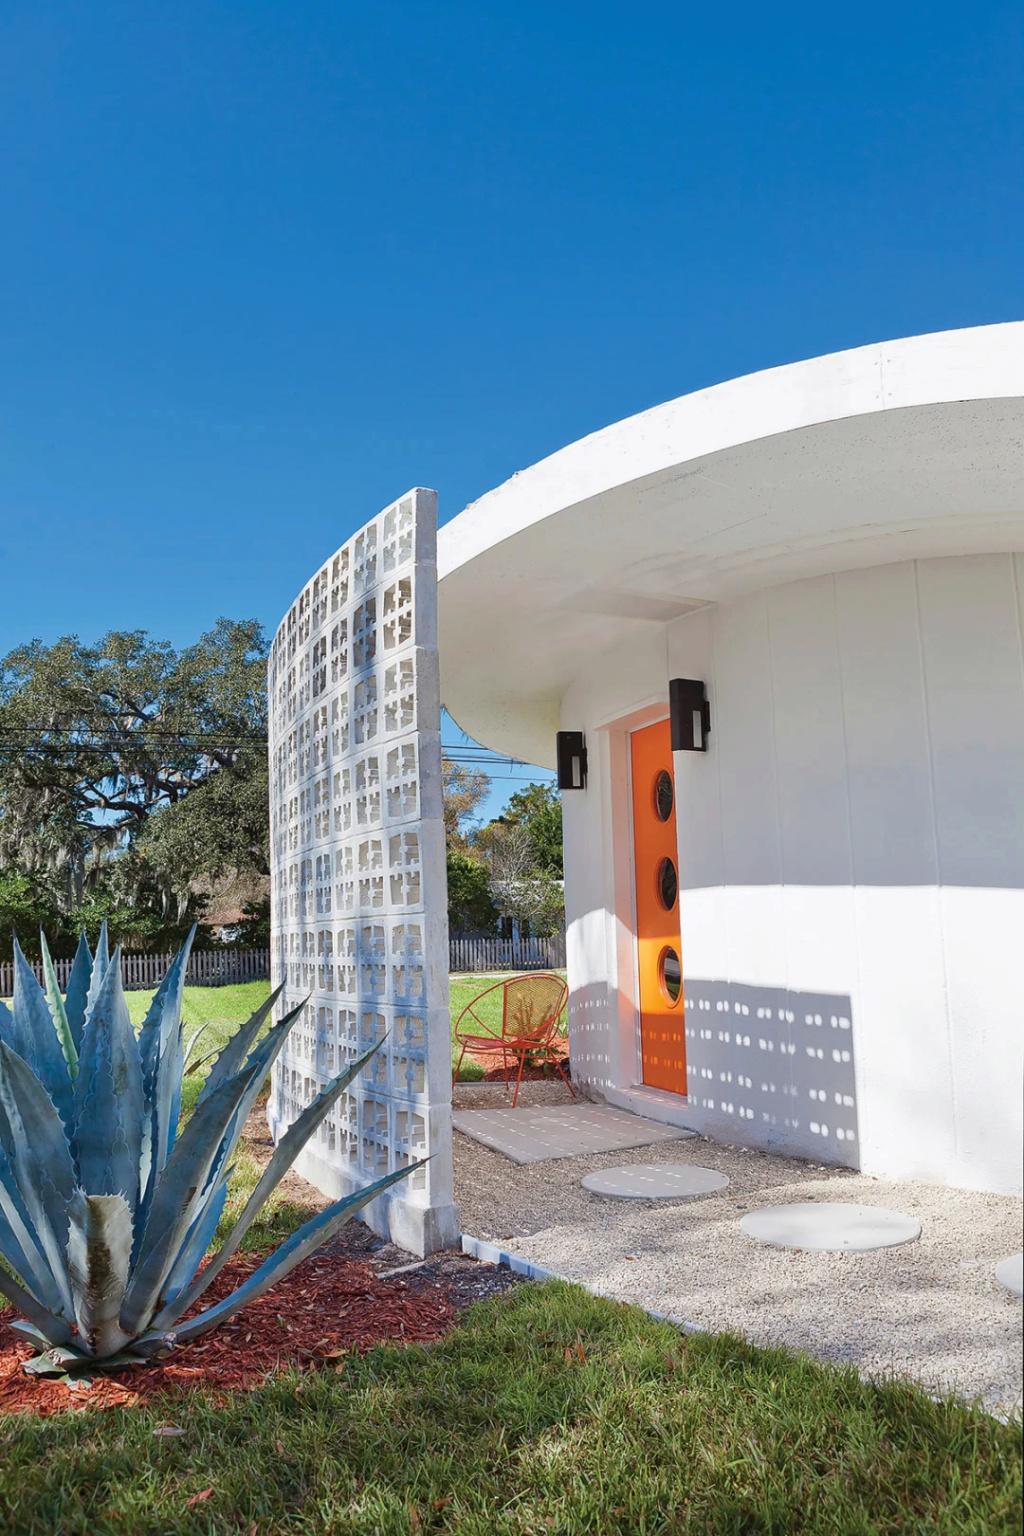 The other Round House - Sue Tapia - Sarasota Florida Sue_ta10